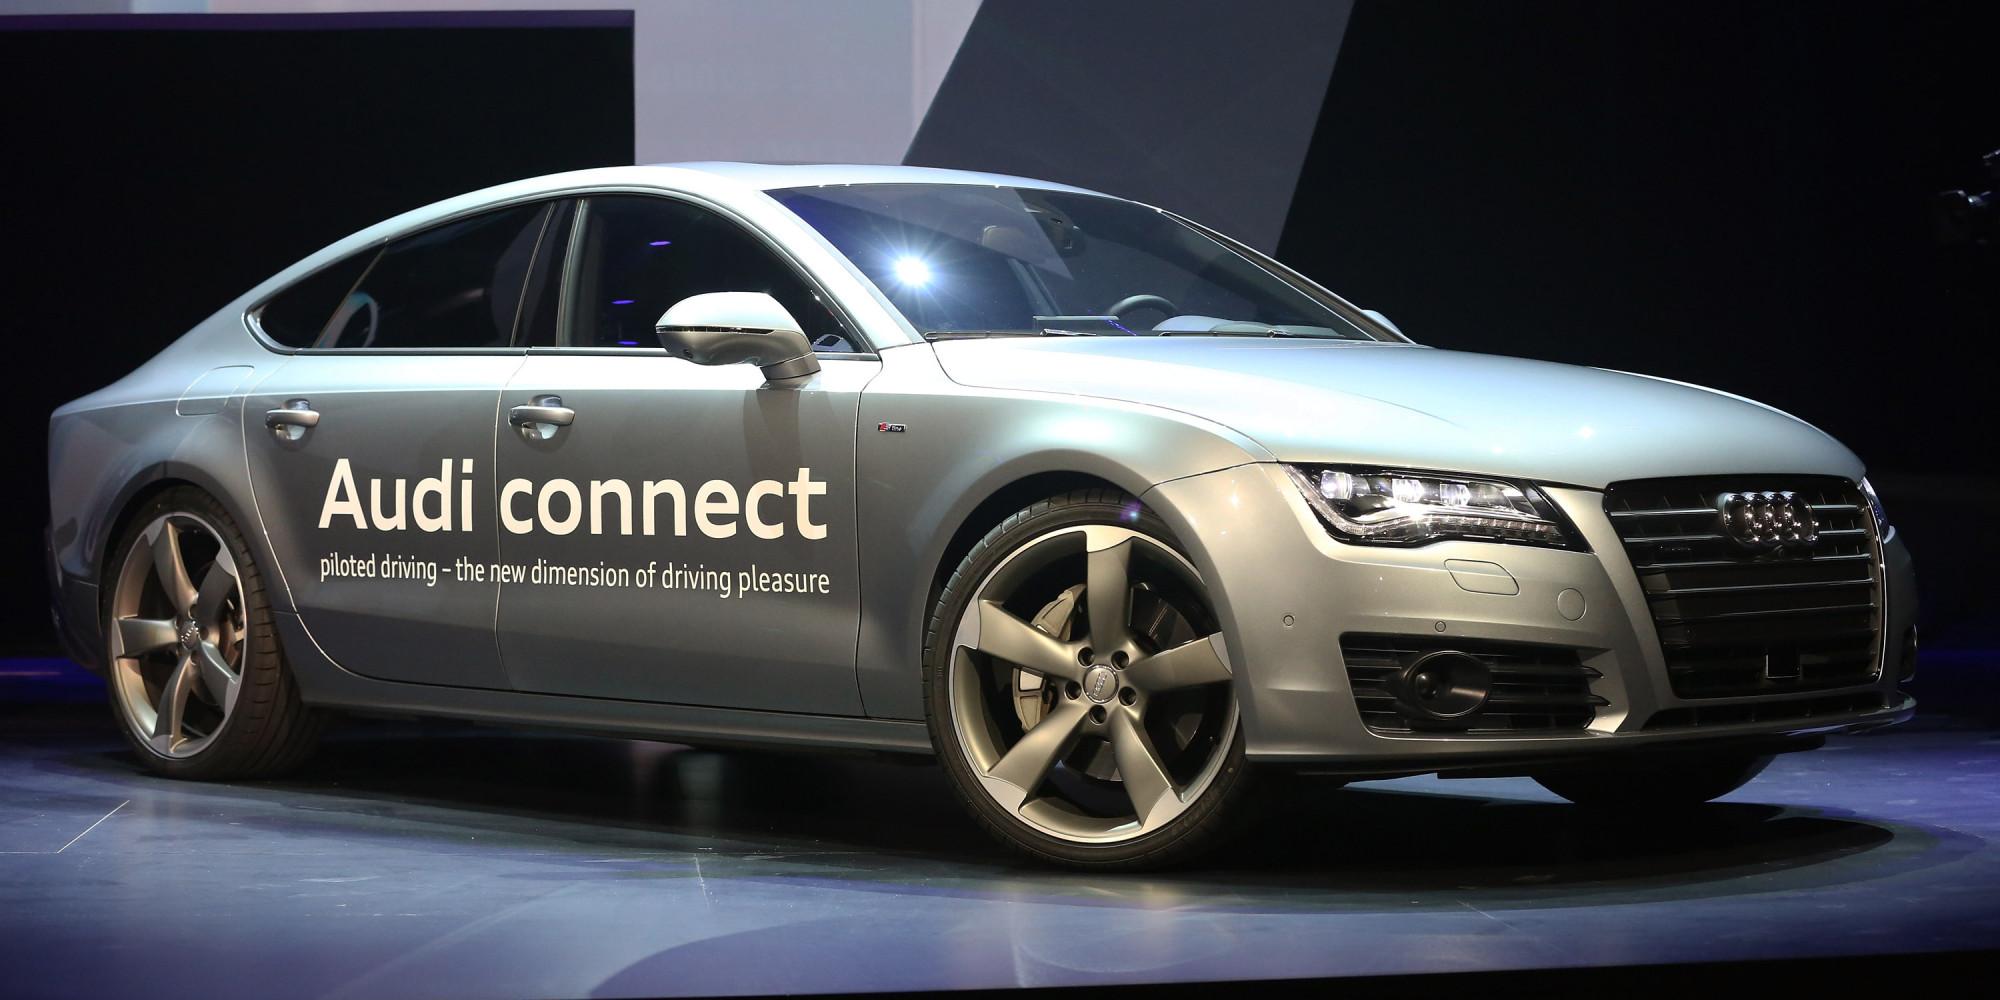 audi unveils self driving concept car 39 a7 autonomous 39. Black Bedroom Furniture Sets. Home Design Ideas